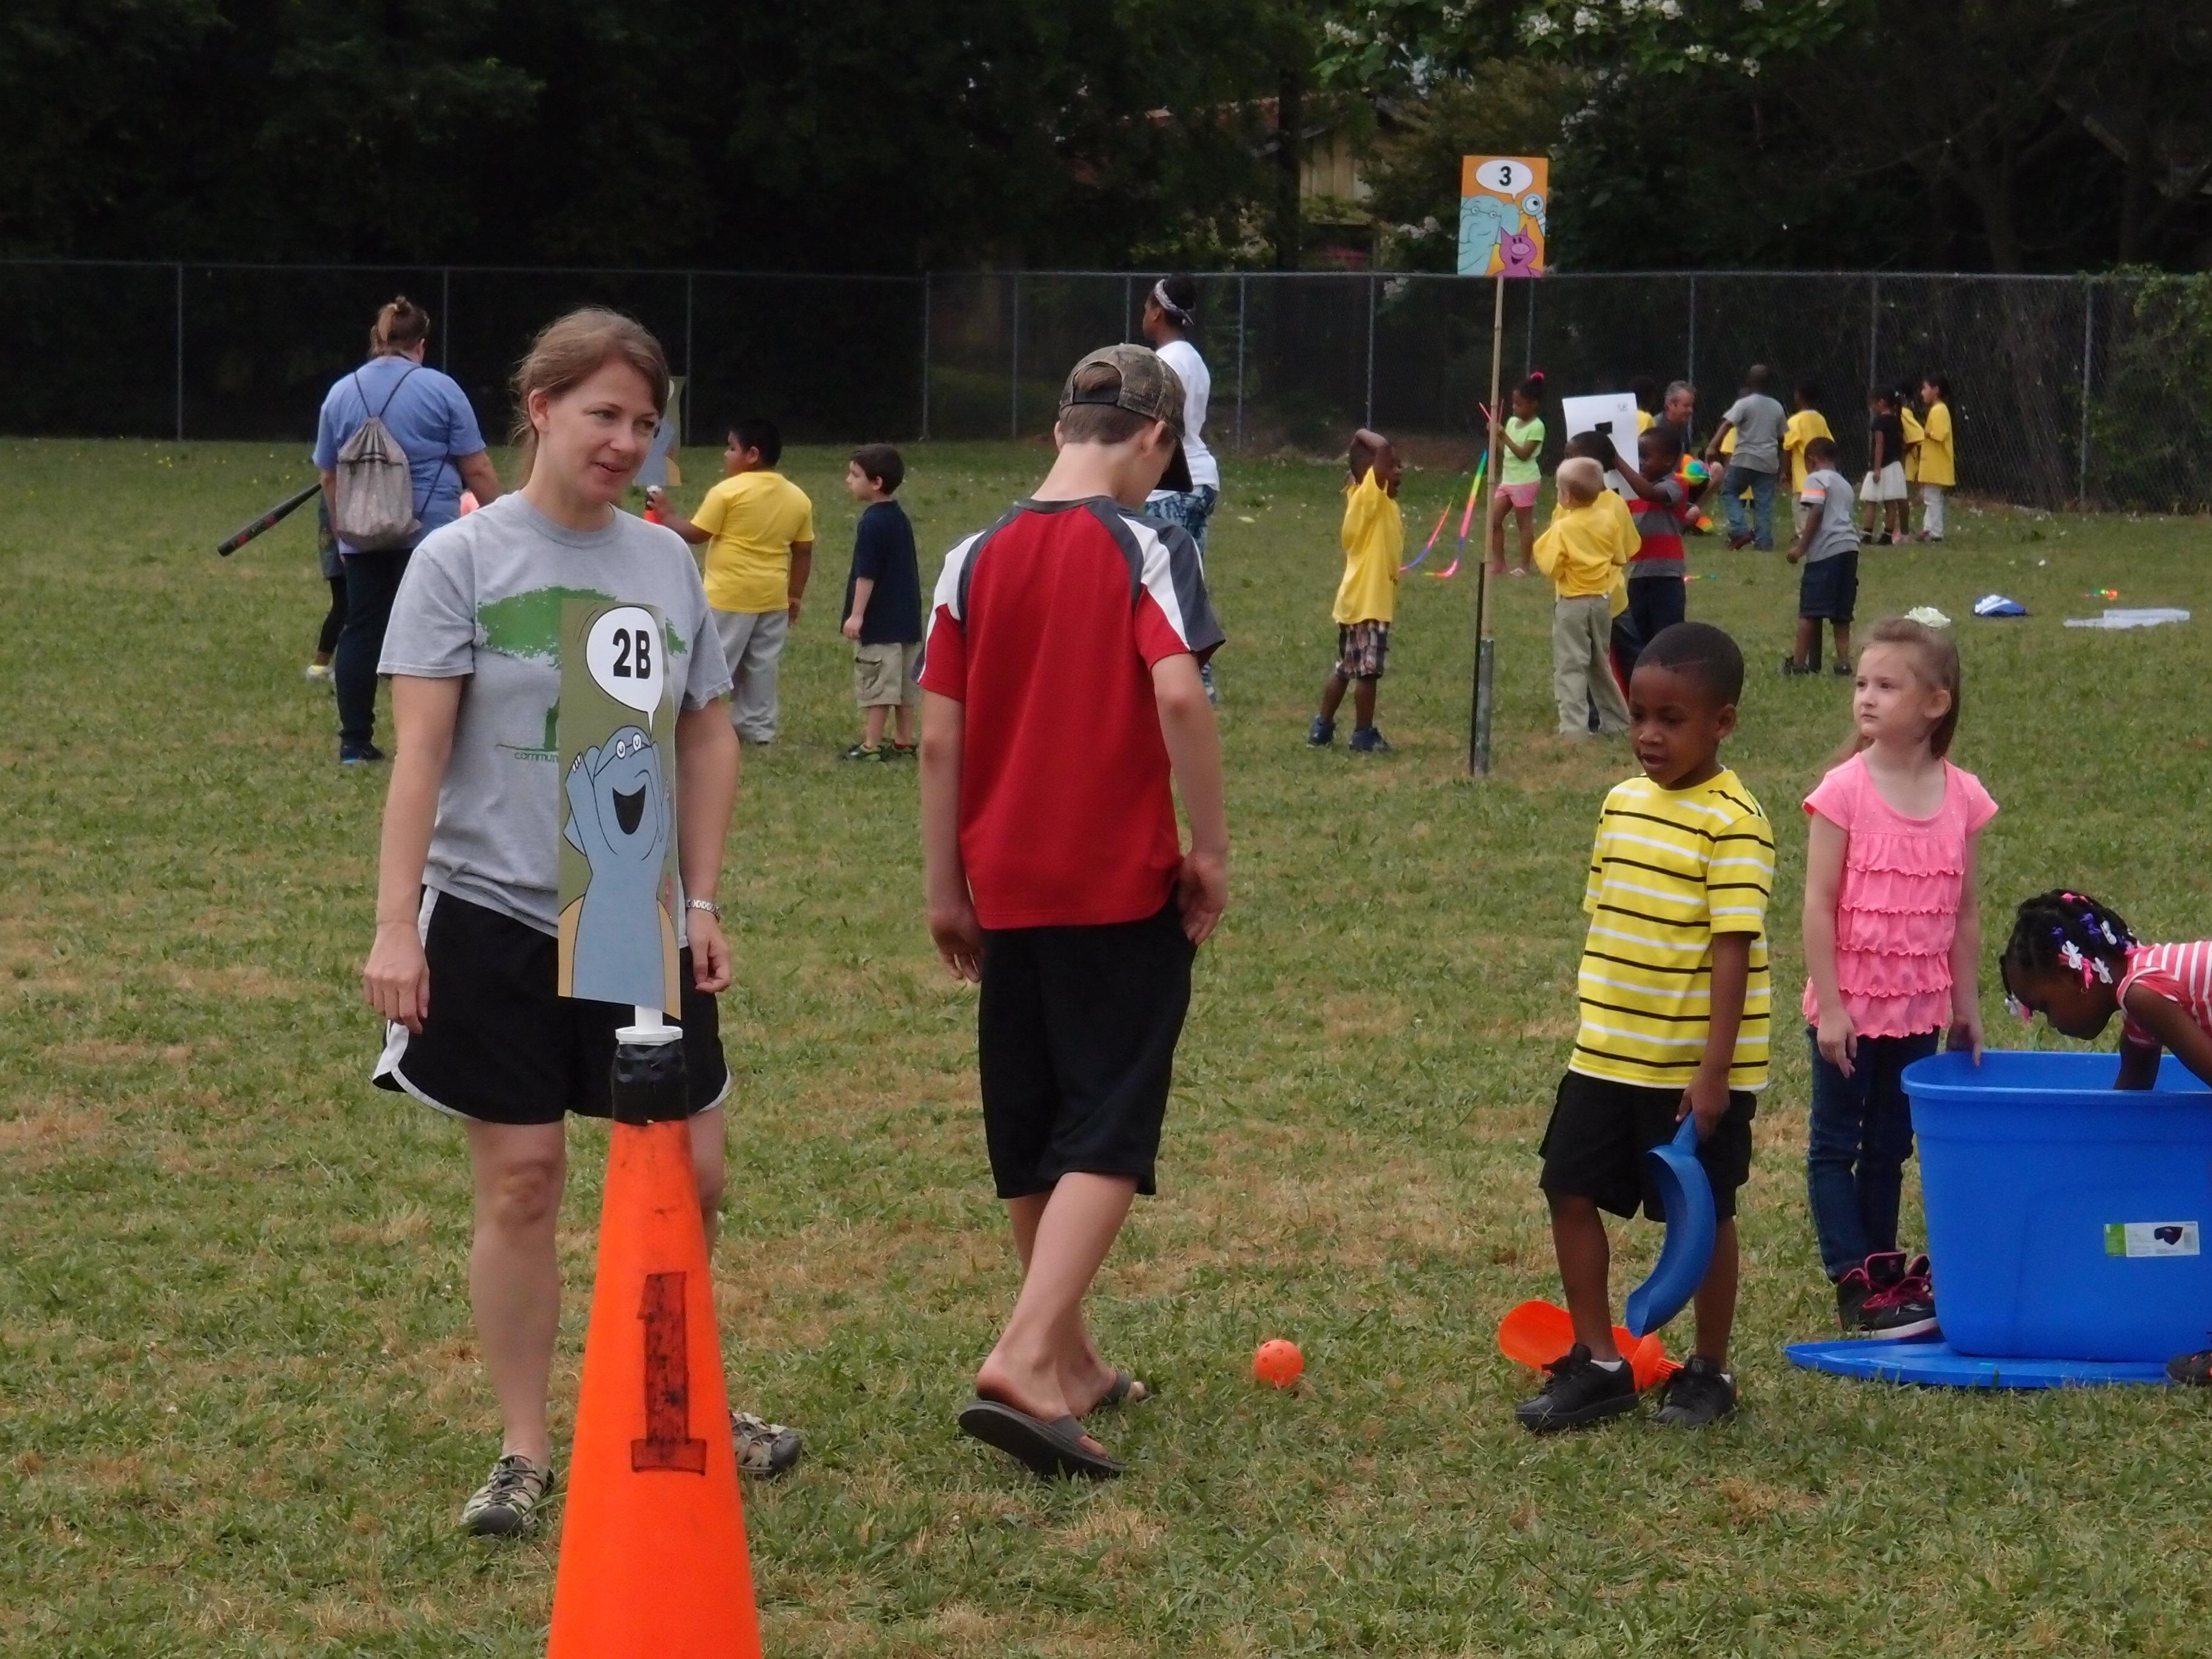 Tarrant Elementary School Field Day